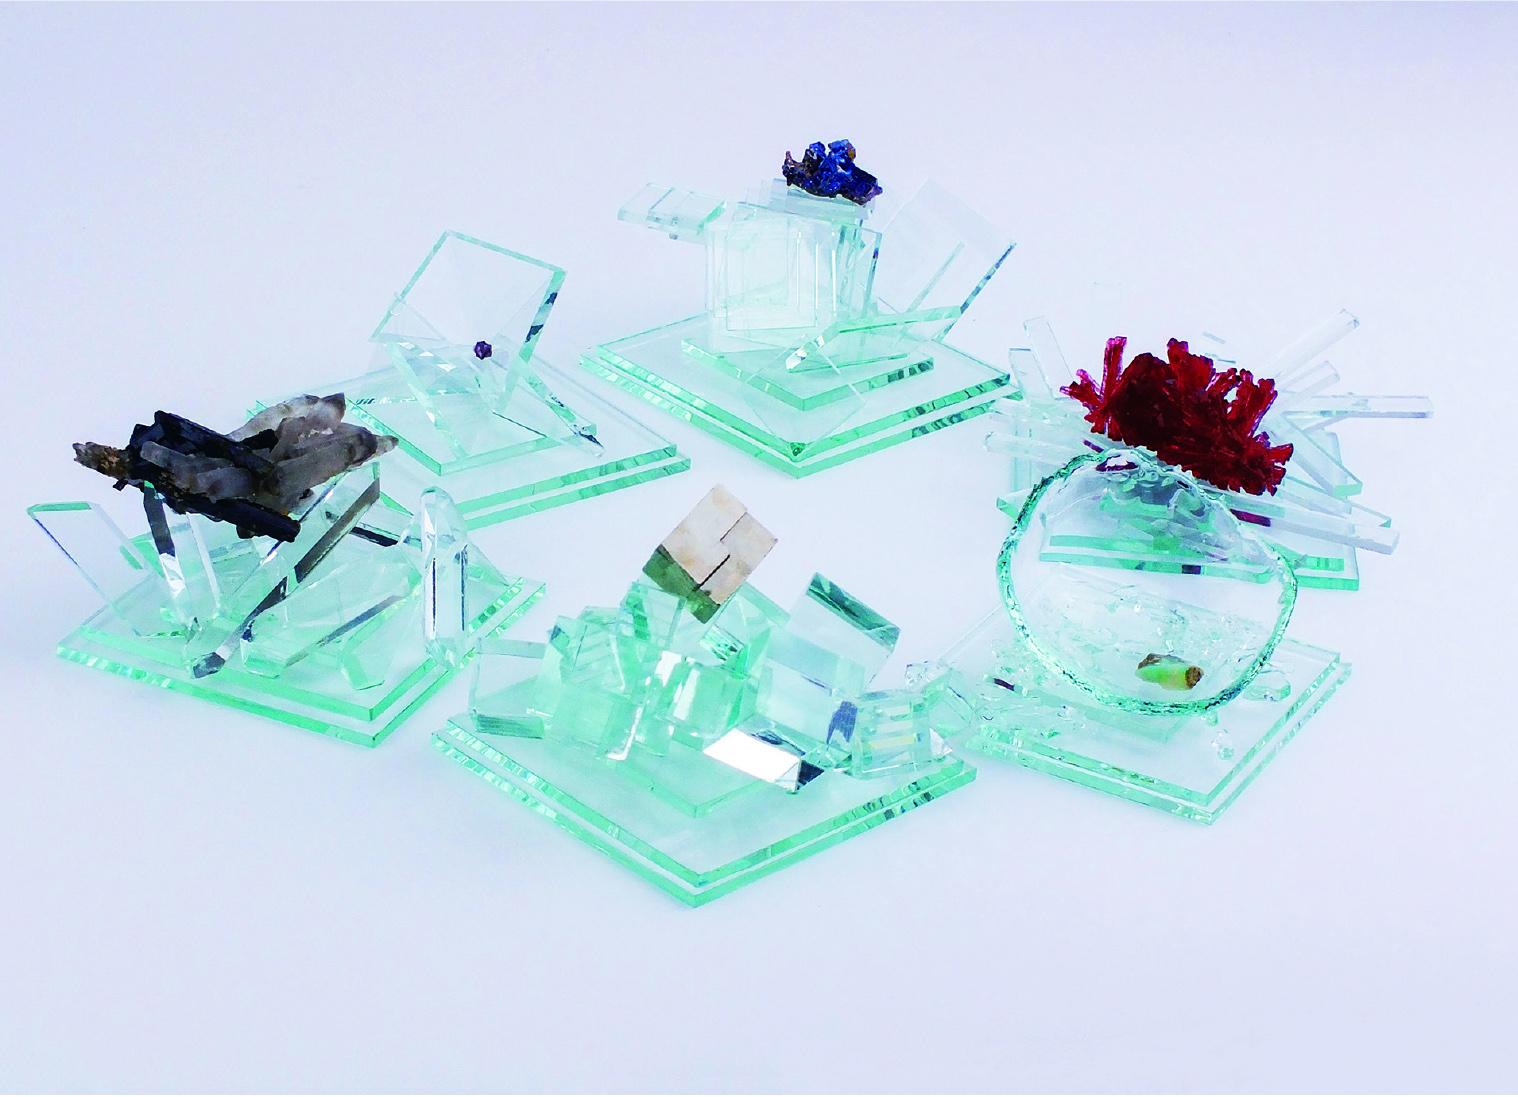 <p>きらり早瀬眞理子奨励賞 </p> <p>「Minerals」</p> <p>鯨井 菜未 Kujirai Nami<br /> (ものづくりデザイン専攻)</p> <p>作者自身が所有する鉱石コレクションの中からモチーフを選び、個々の形態や色調から受ける印象を独自の感性で捉え制作された作品。伝統的な染色技法の一つである型染を用い、作者の感じた鉱石の魅力が充分に表現されている。自然が作った鉱物と人の手を介して形づくられたガラスの組み合わせが、見る人の心に共感とも違和感ともいえる不思議な感情をもたらし、目に見えない世界への関心をいざなう。もう一歩近づくとまた違う世界がみえてくるかもしれないと期待させる魅力を持った作品である。</p> <p>ファブリックパネル13点、ガラスの鉱物展示台6点</p>